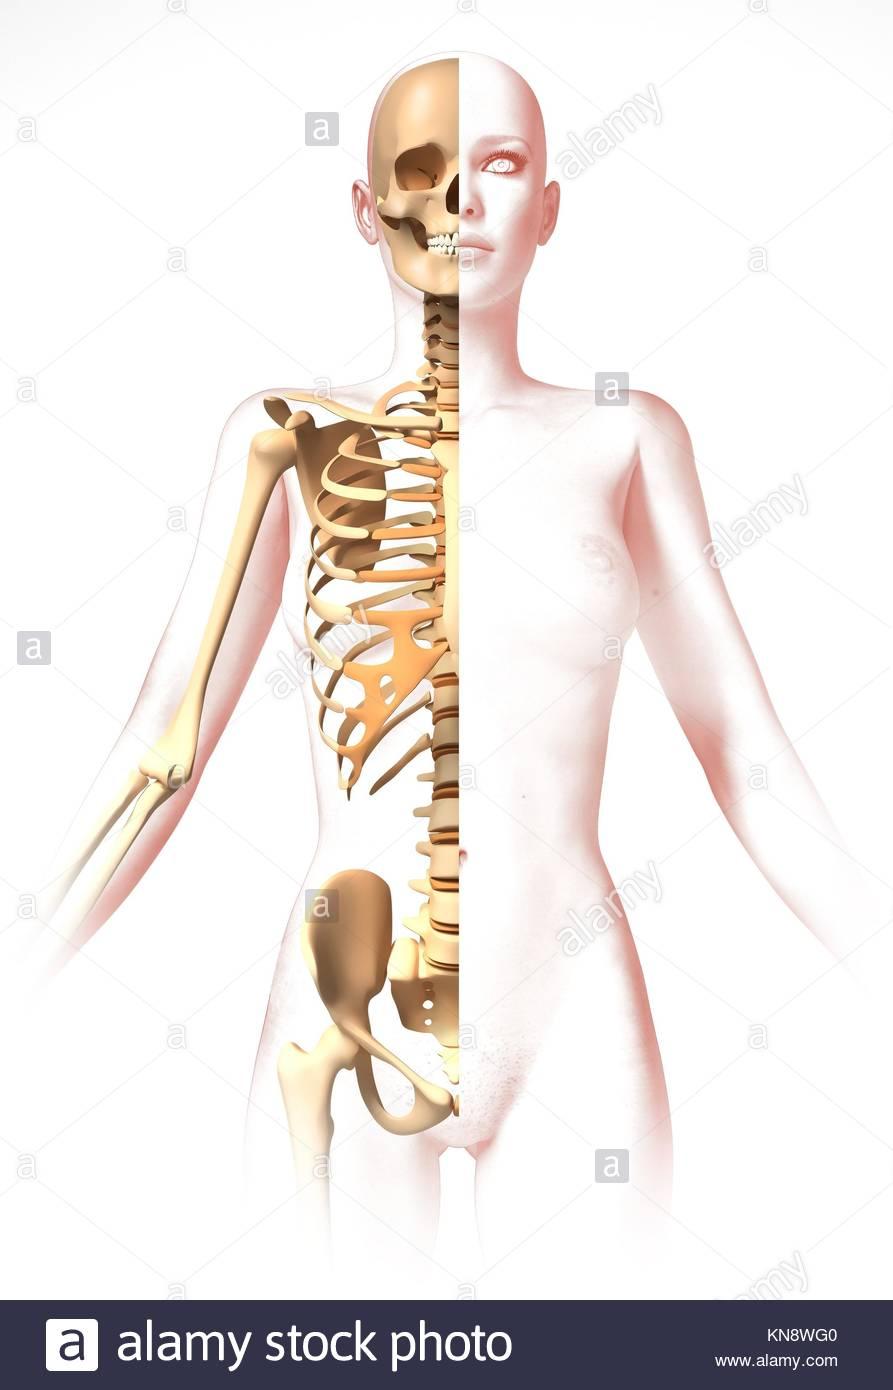 Niedlich Hüftknochen Anatomie Video Fotos - Menschliche Anatomie ...